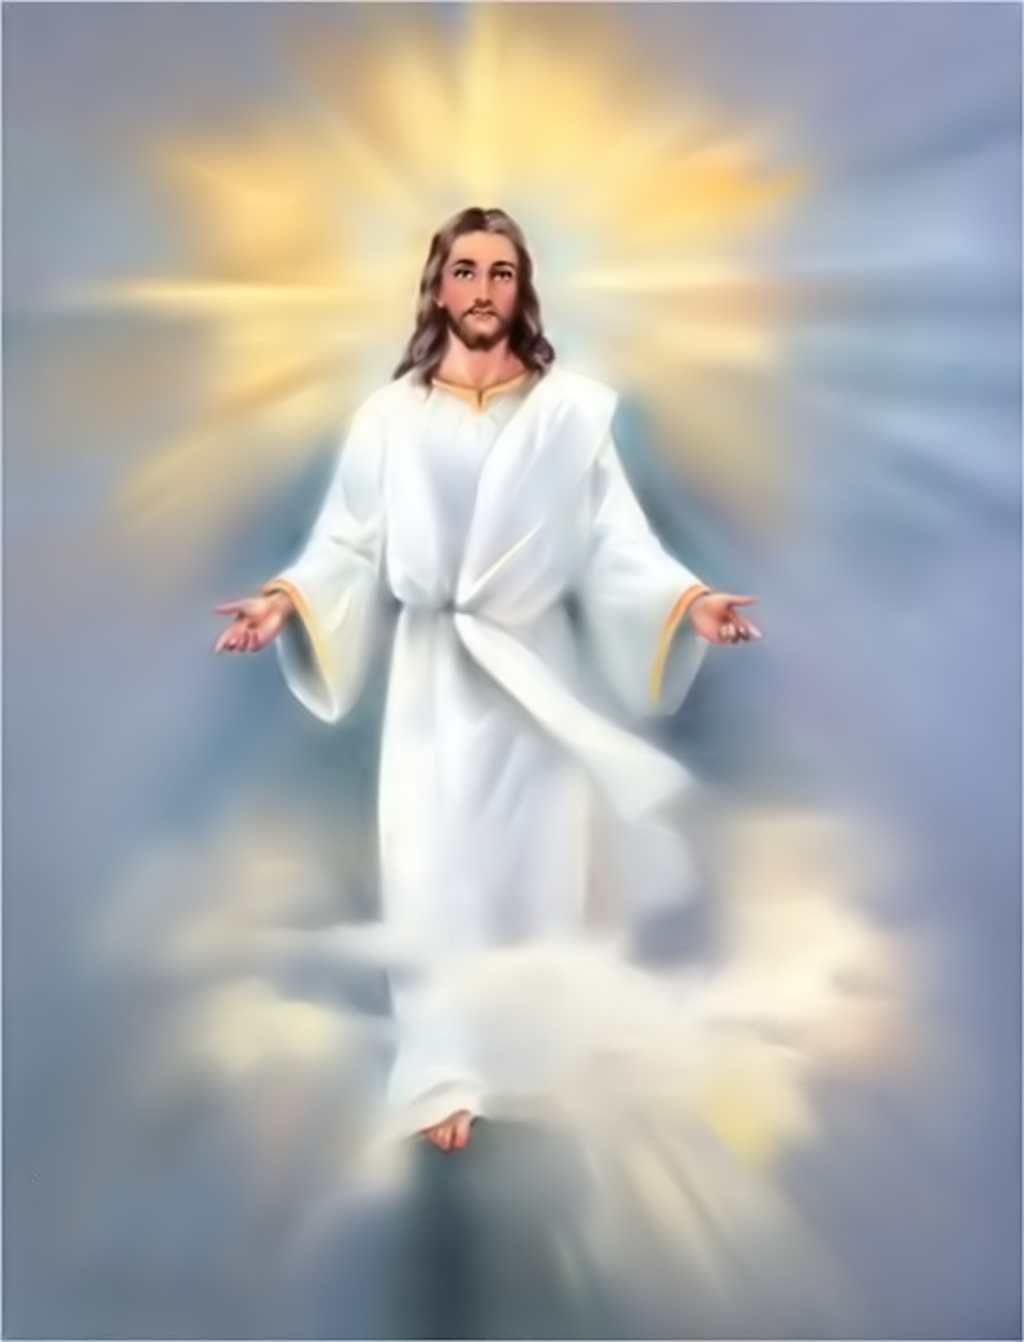 Hình ảnh chúa jesus